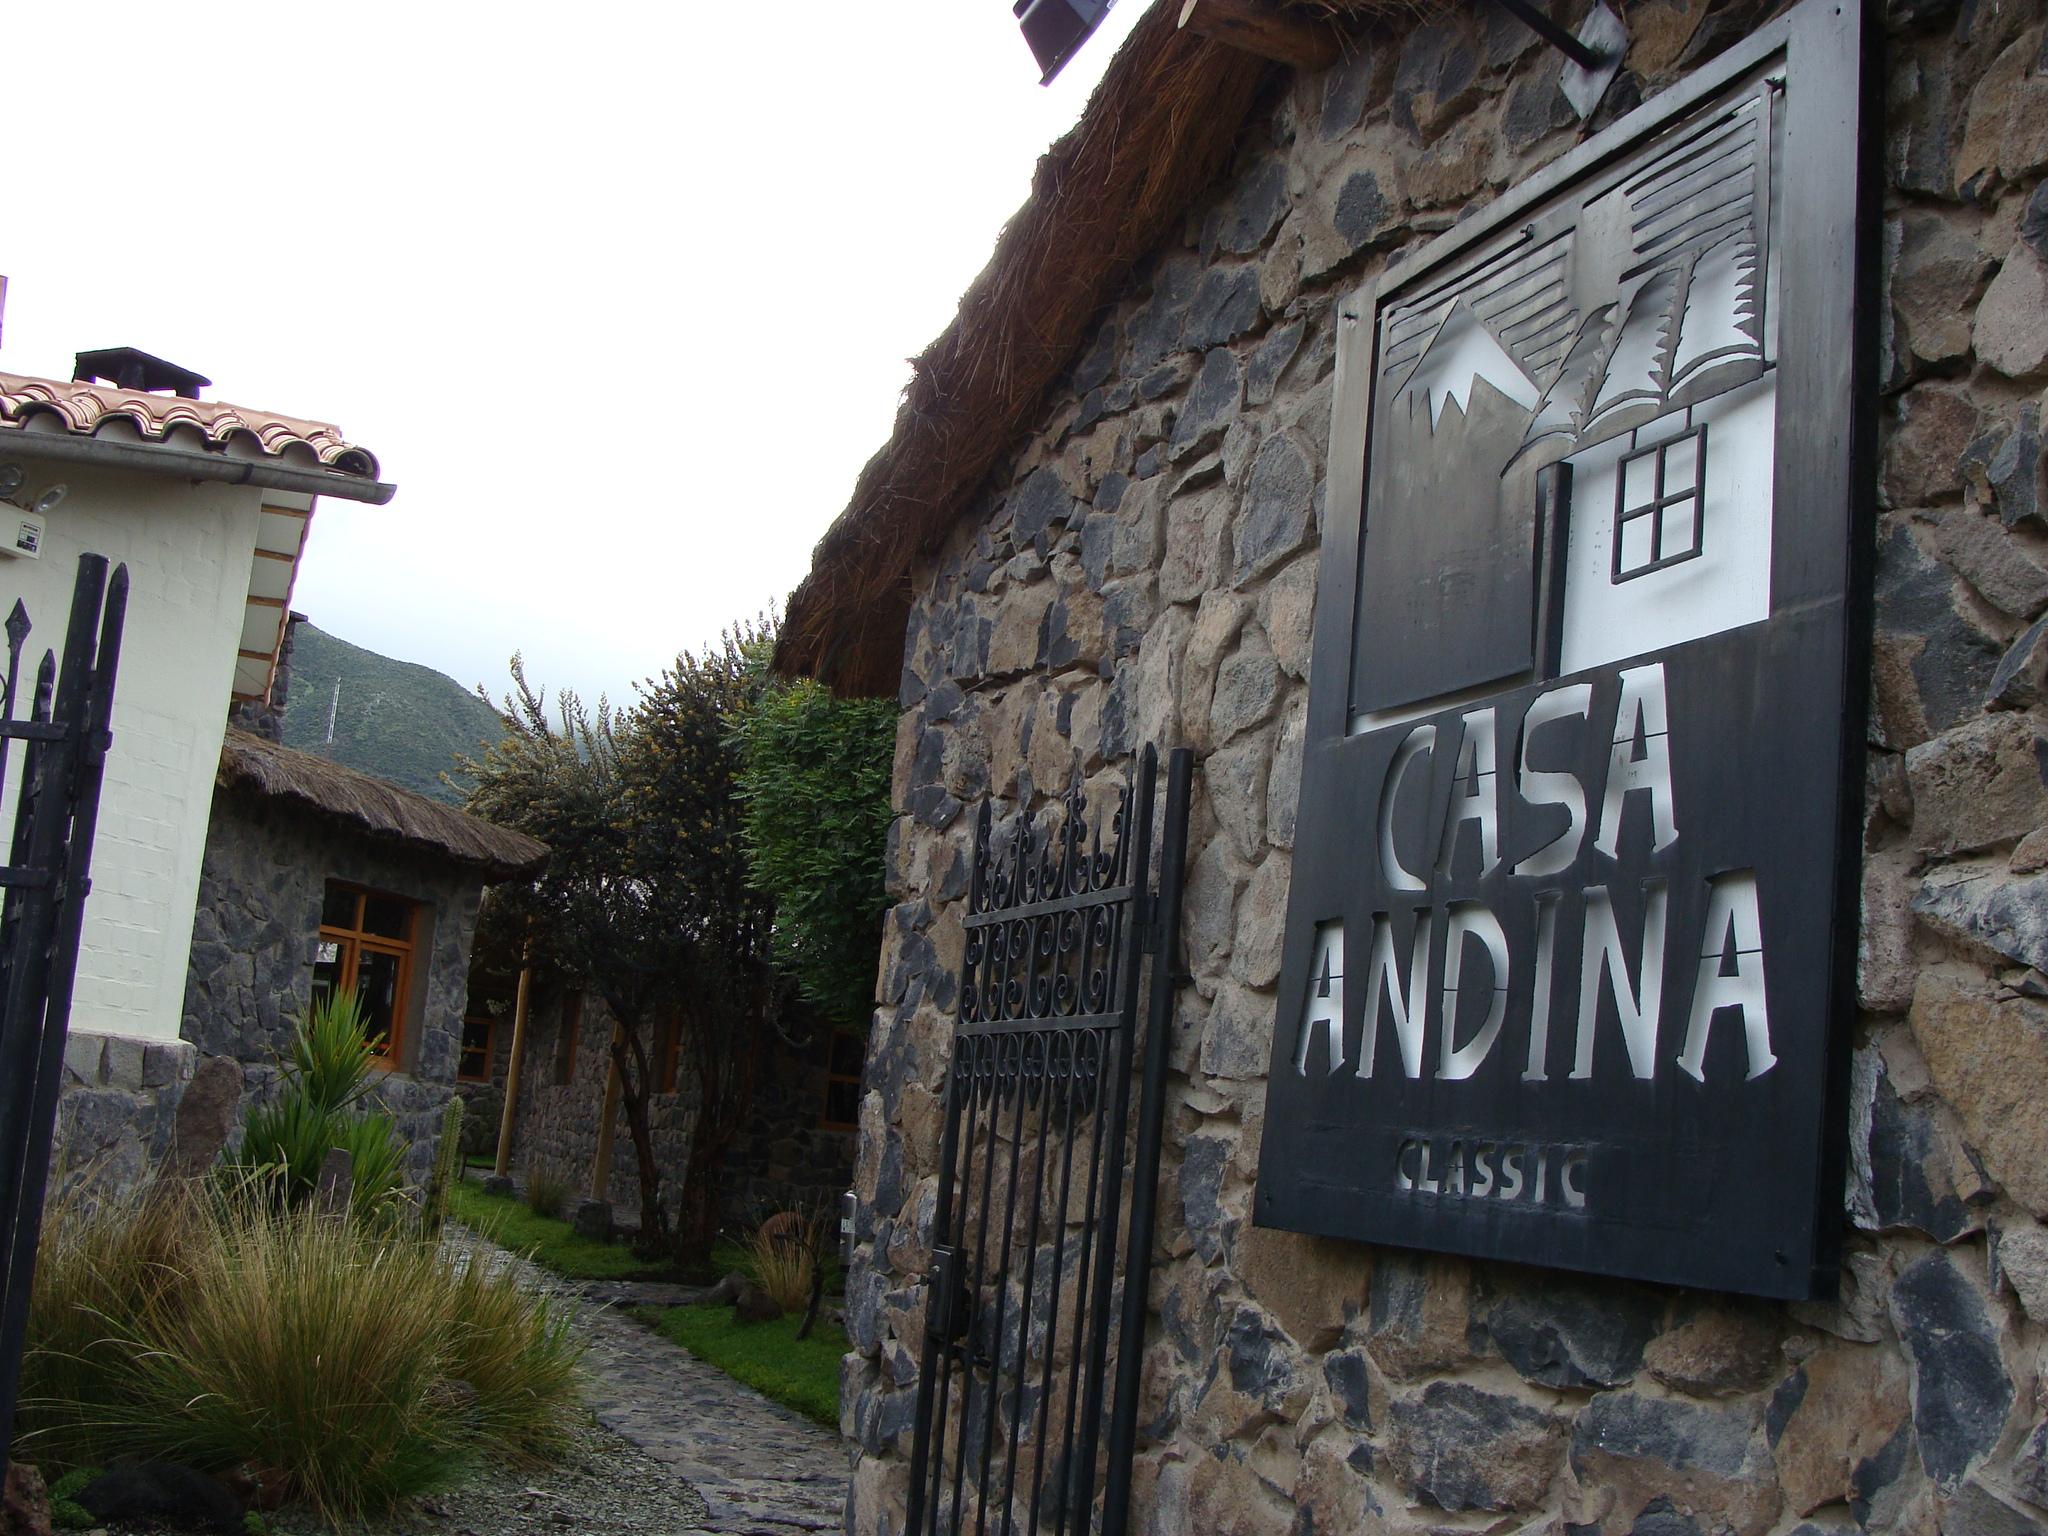 Chivay - hotel Casa Andina - celkový pohled dne 19. 2. 2011 6:55